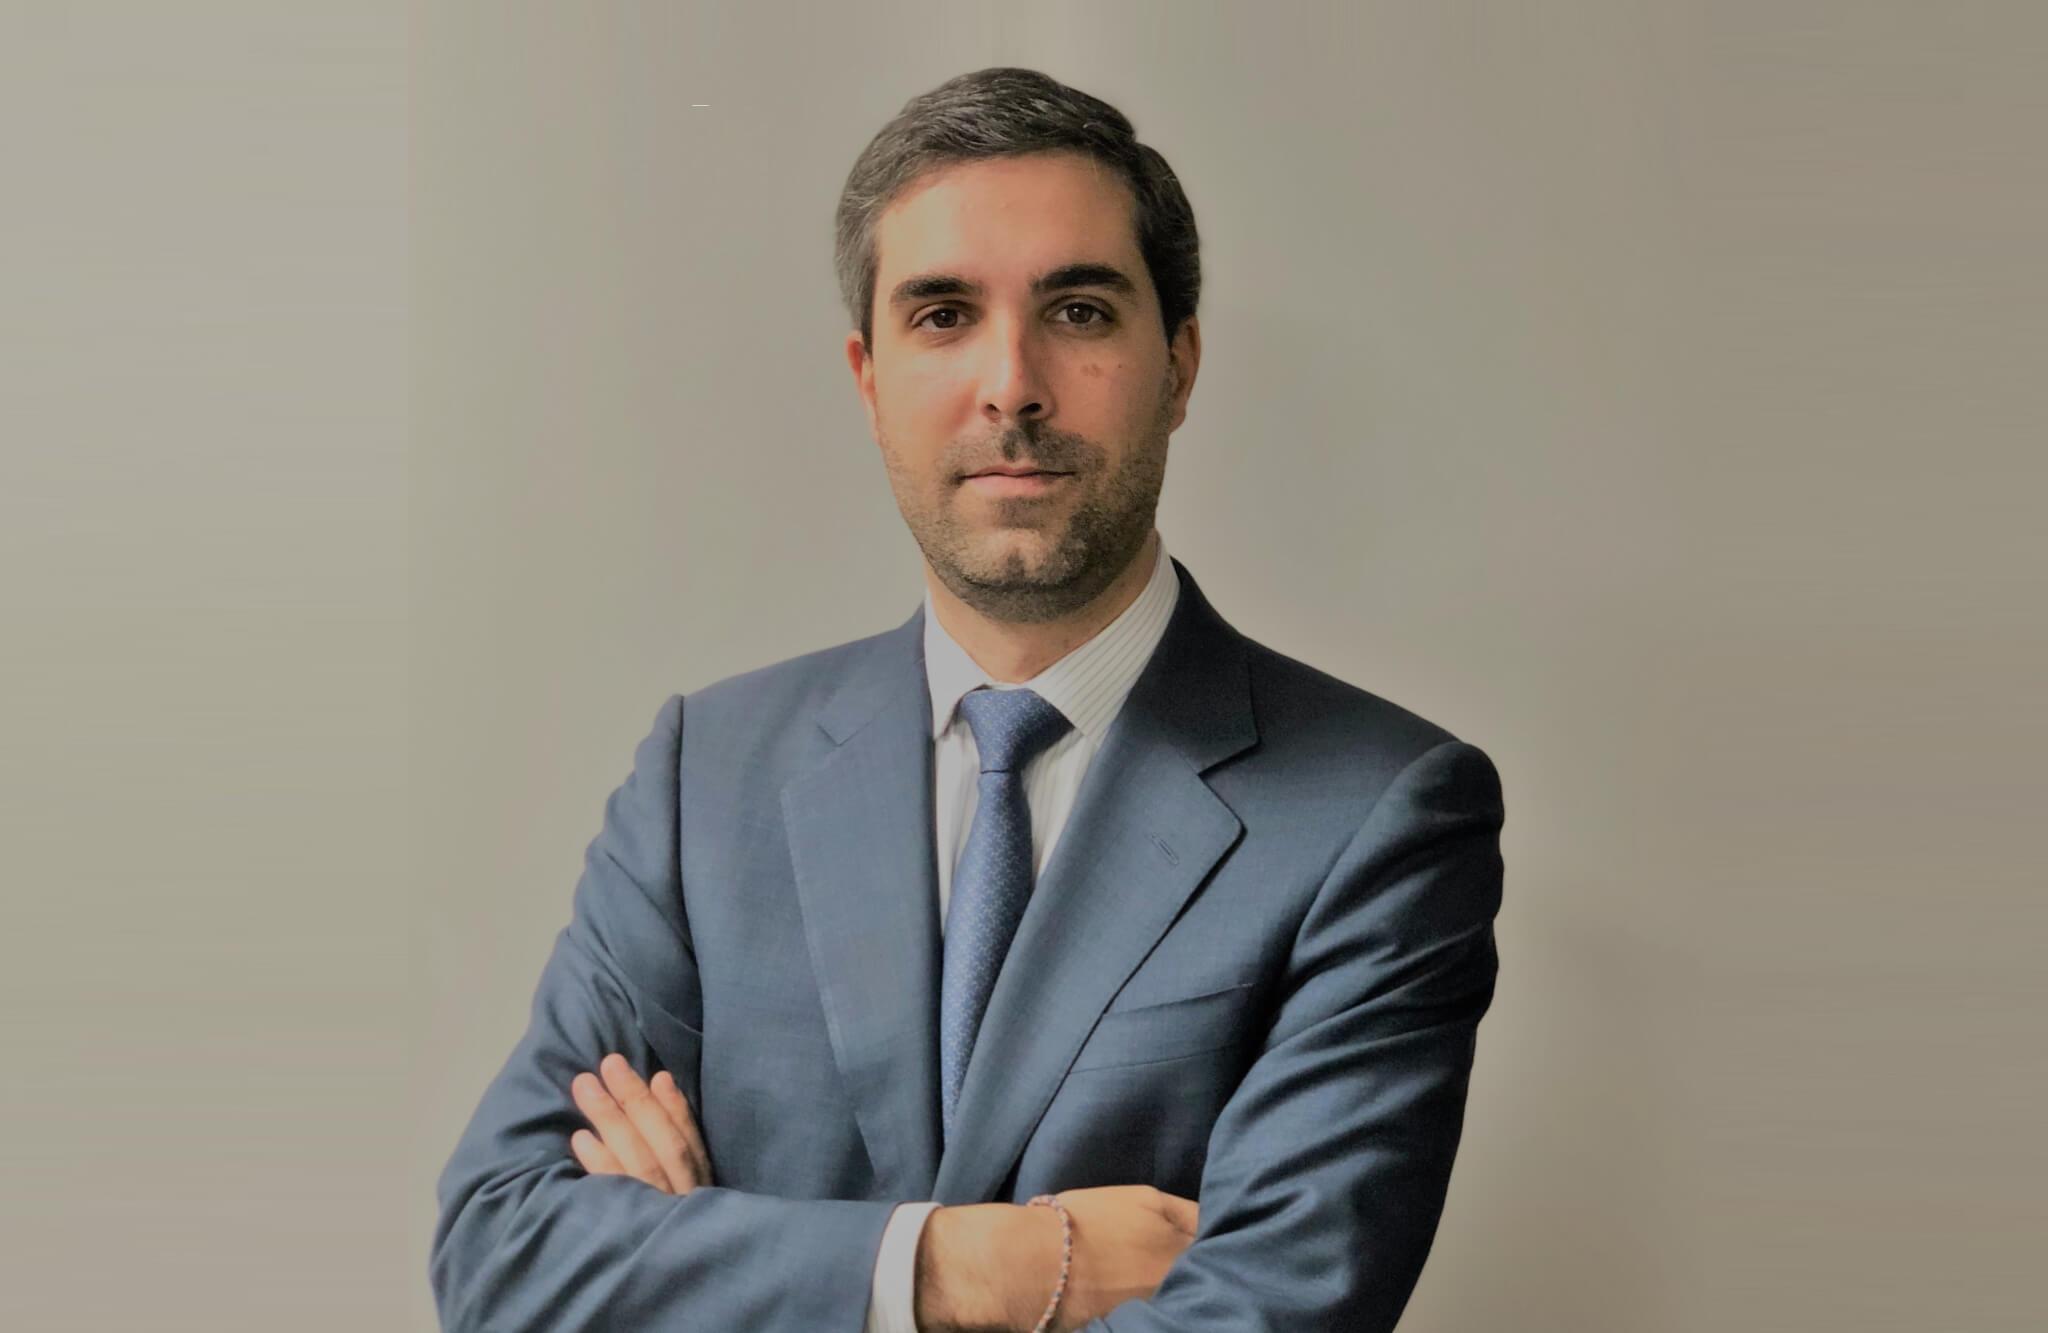 Alvaro de Pablo, Diretor Corporativo